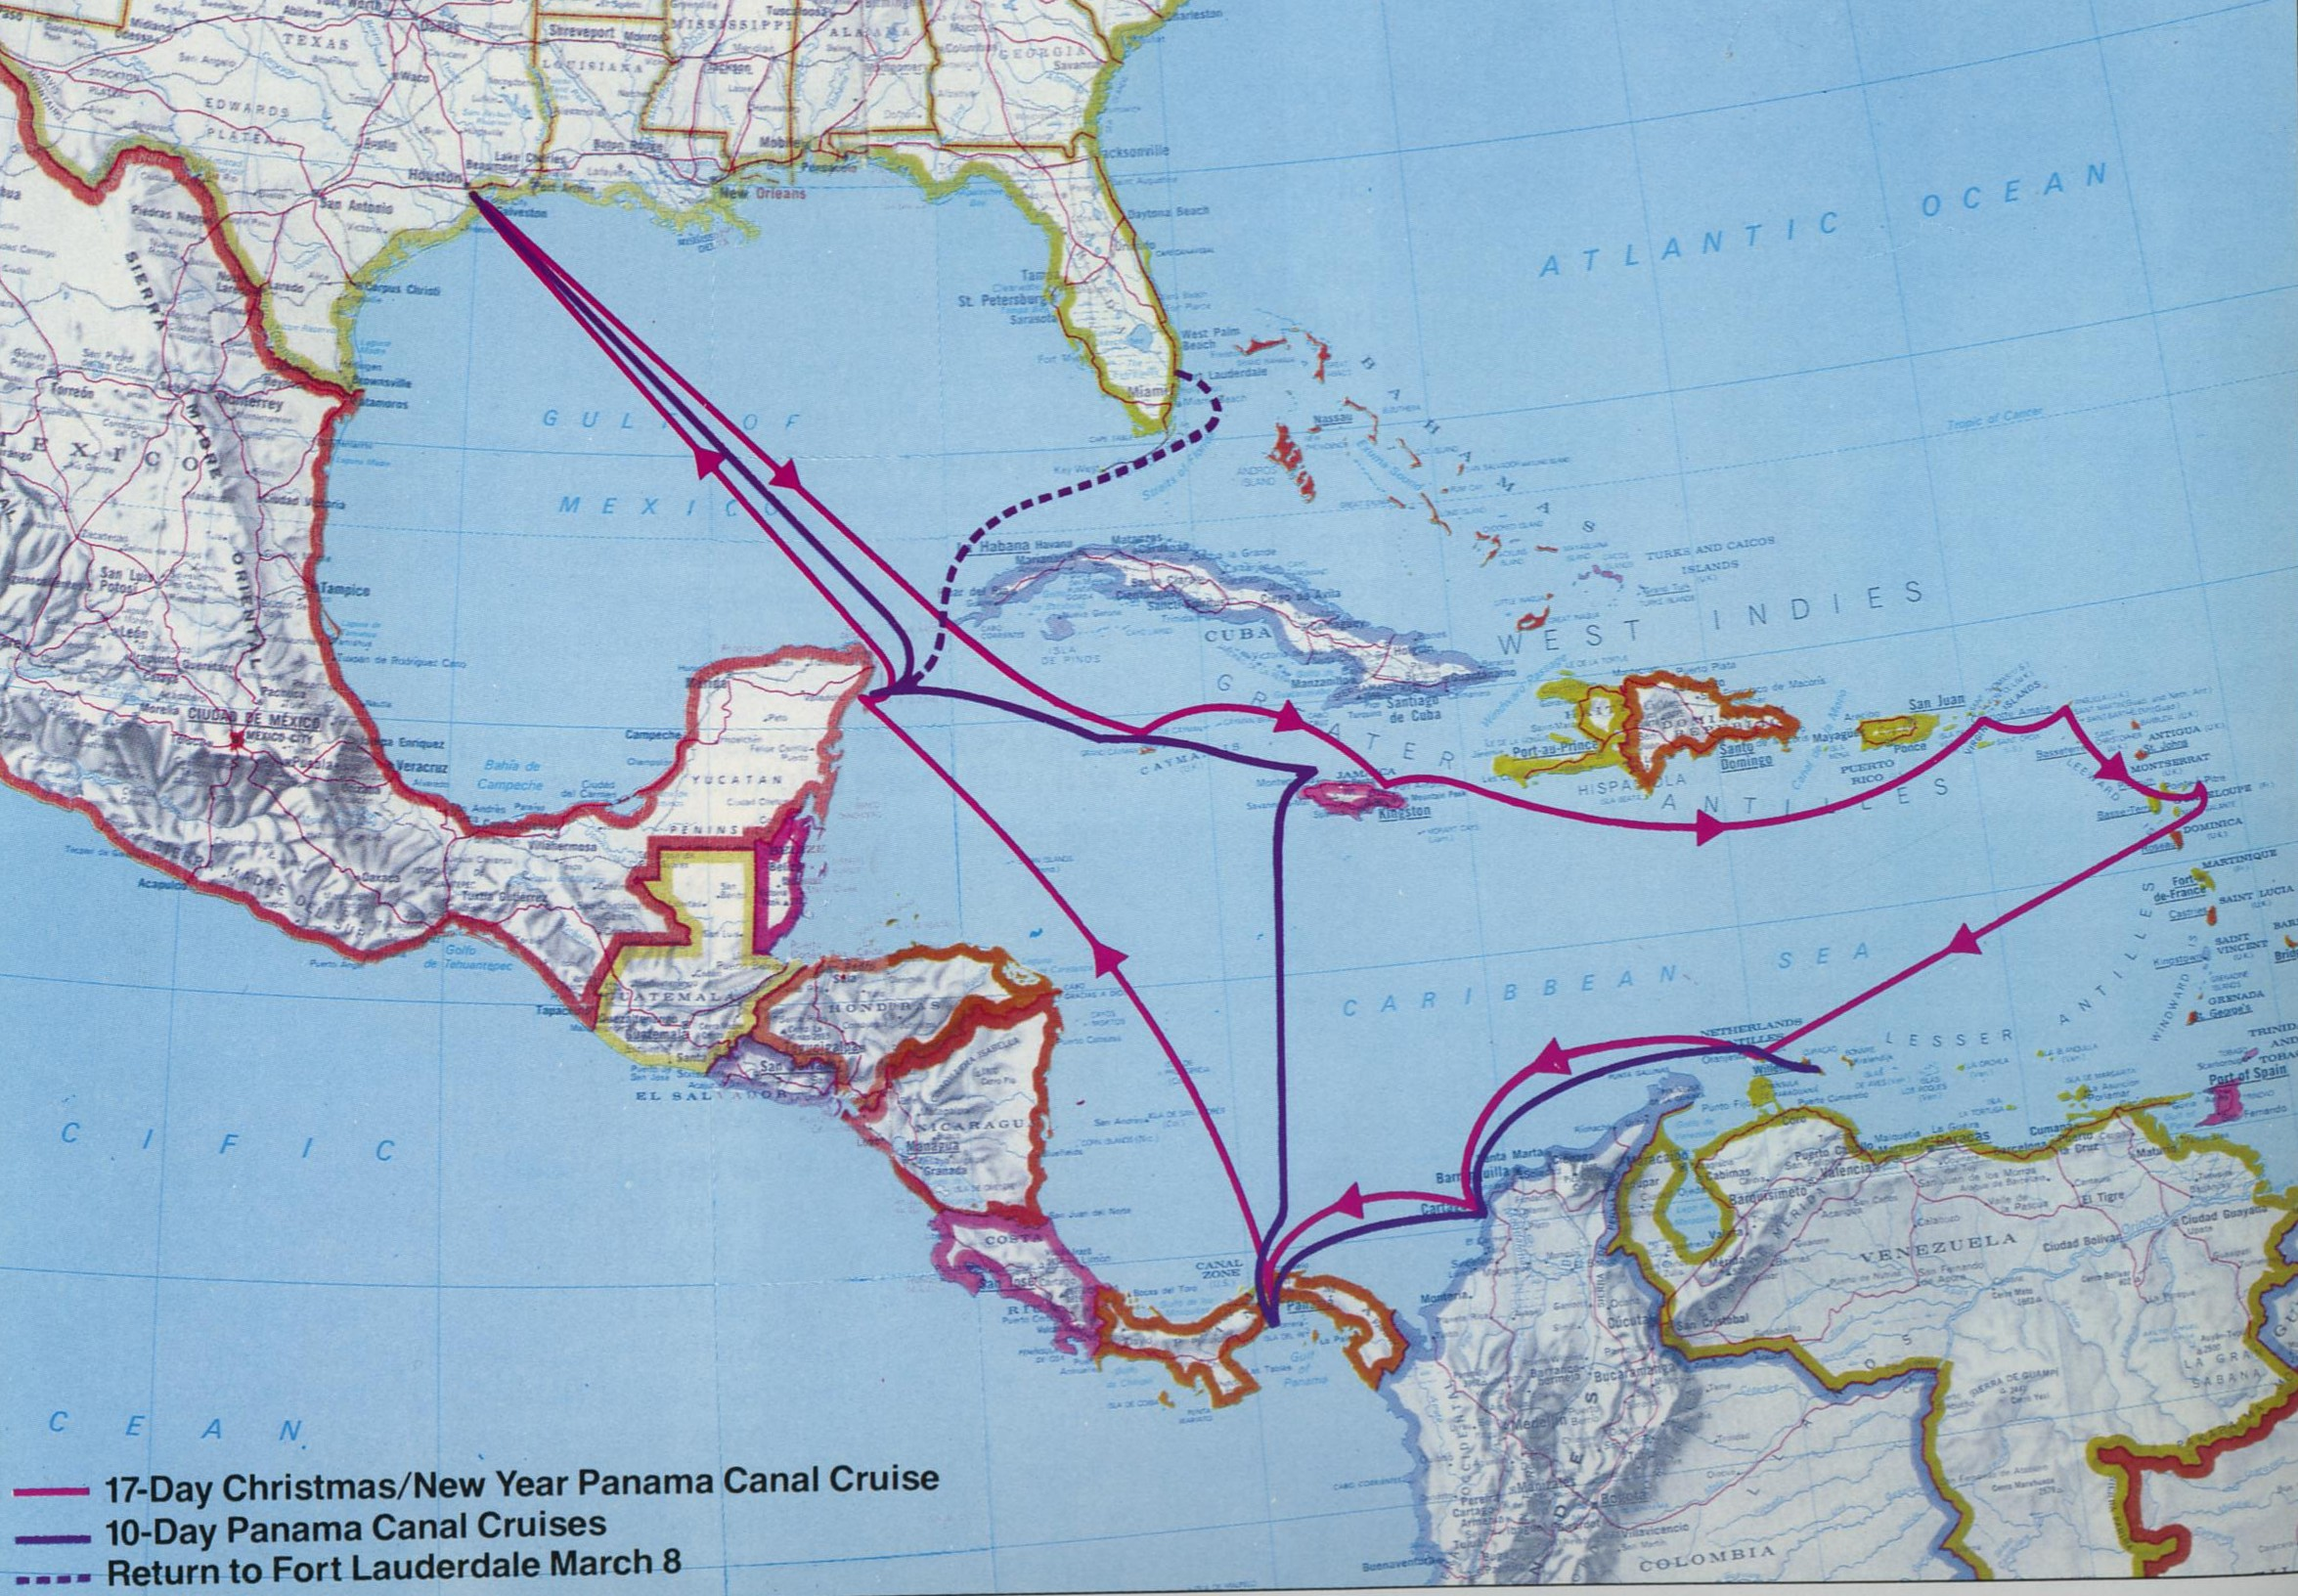 STELLA SOLARIS - Cruises leaving from galveston